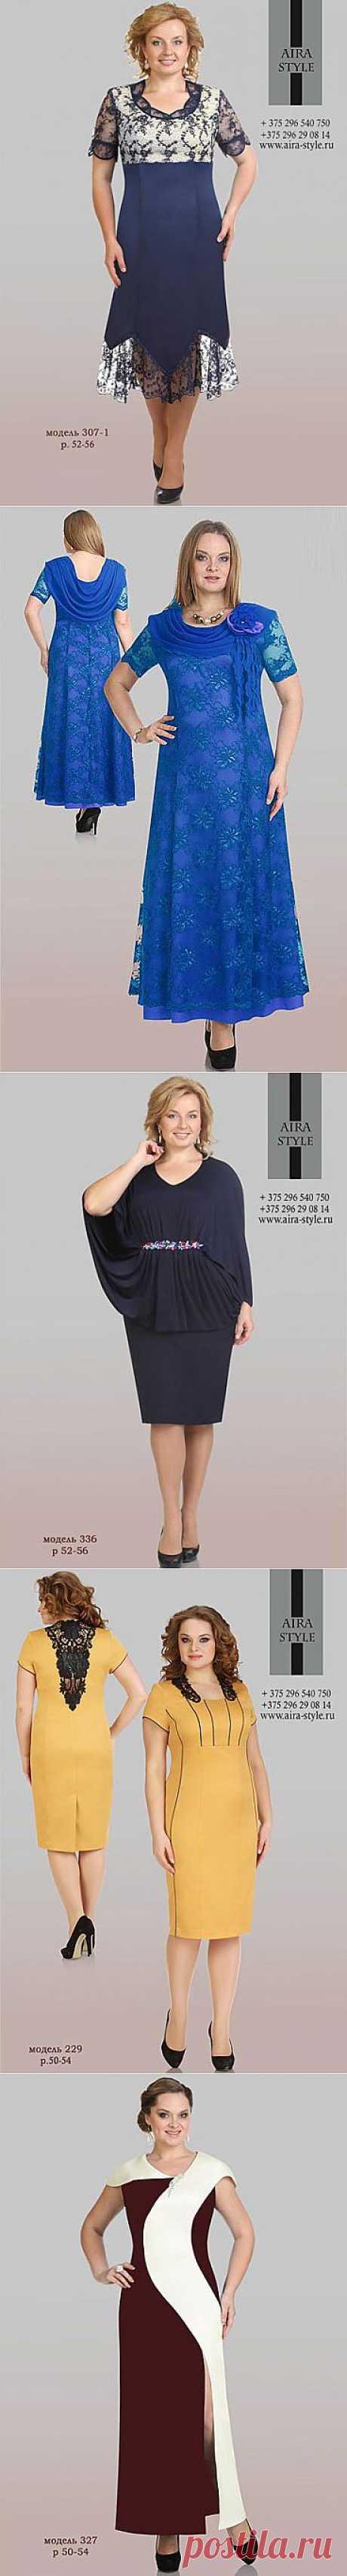 Белорусский каталог женской одежды больших размеров Aira Style. Осень-зима 2013-2014 - Полная модница